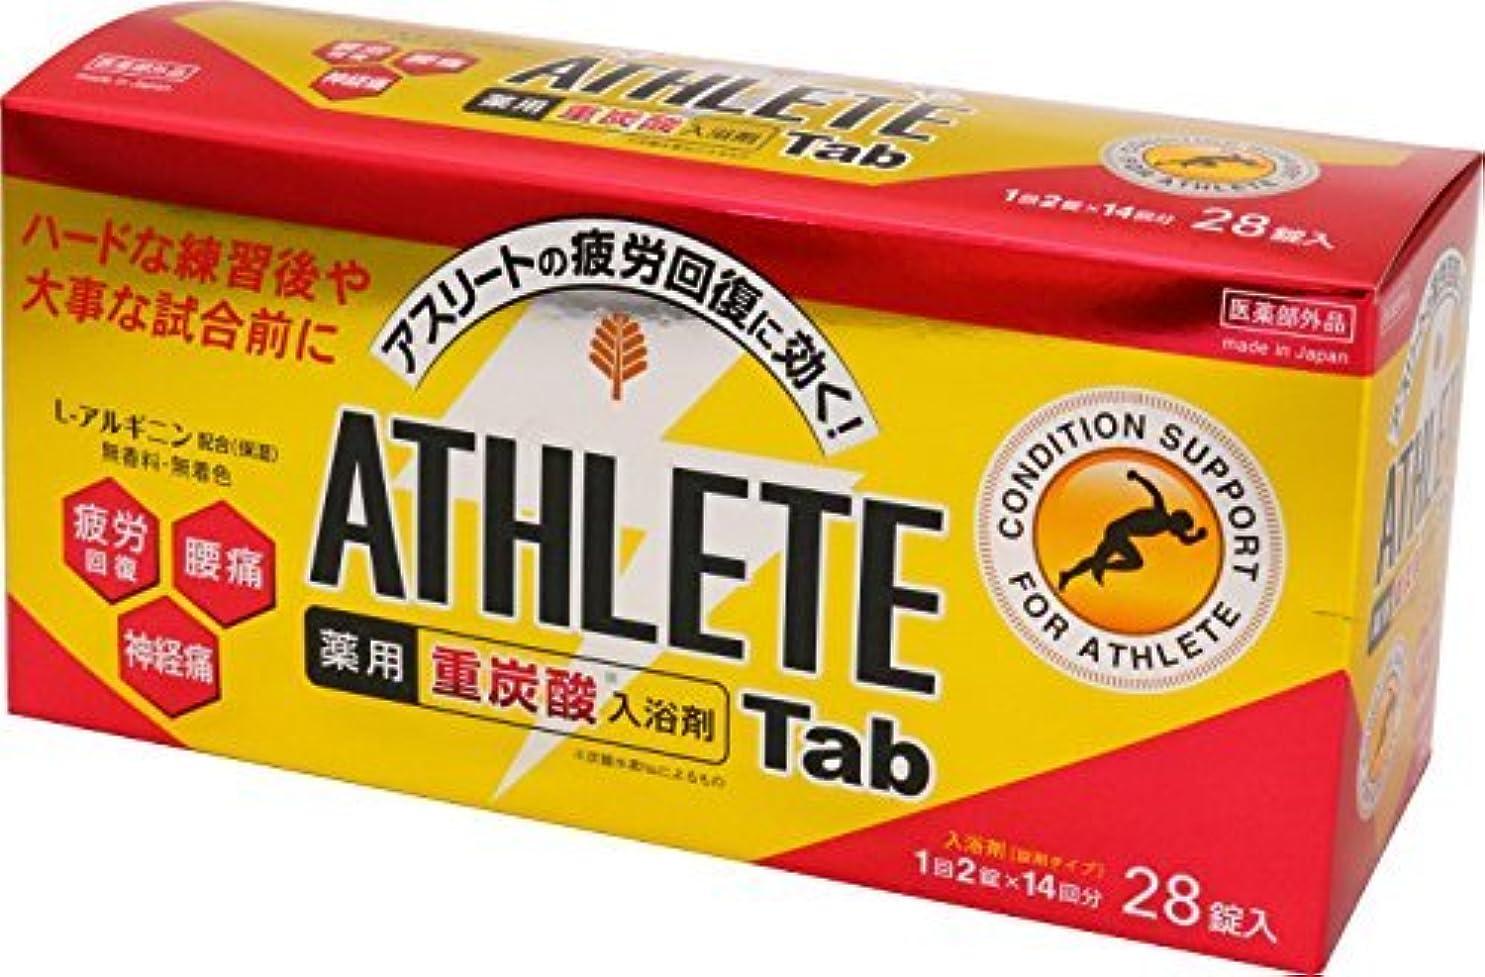 キャンドル目指すその日本製 made in japan 薬用 ATHLETE Tab1錠x28パック BT-8573 【まとめ買い3個セット】